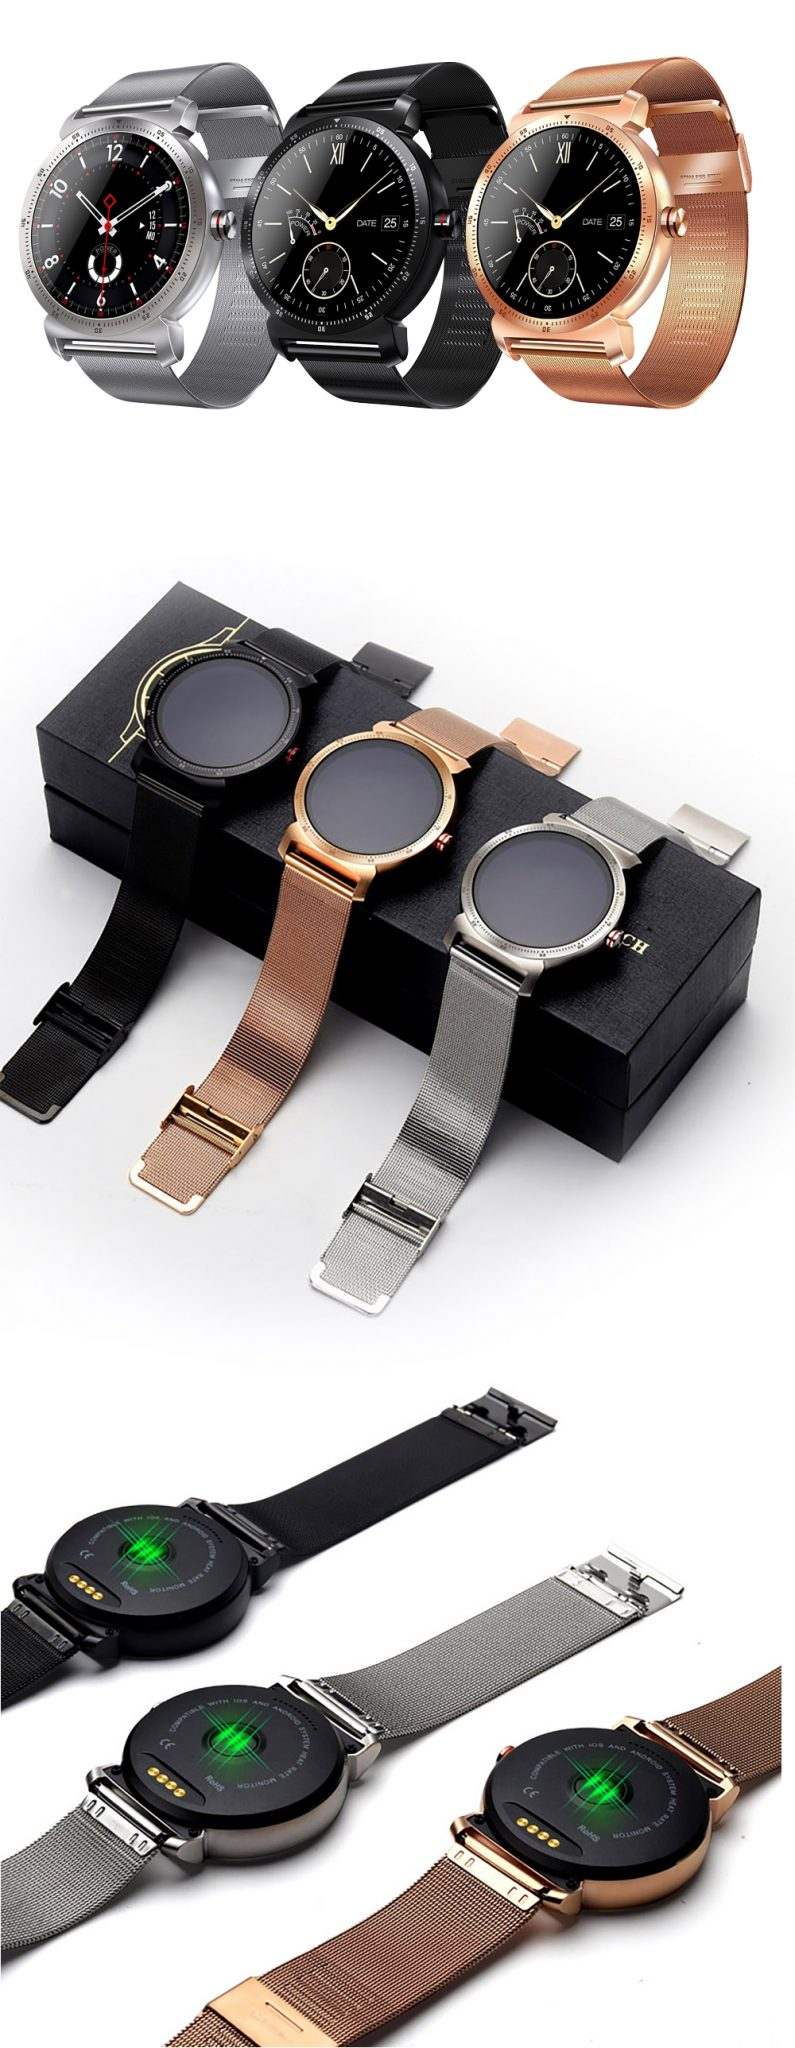 Ceas Smartwatch K88H Plus cu Functie Apelare prin Bluetooth, Senzor puls, Monitorizare somn, Notificari, Pedometru, Incarcare magnetica, Auriu